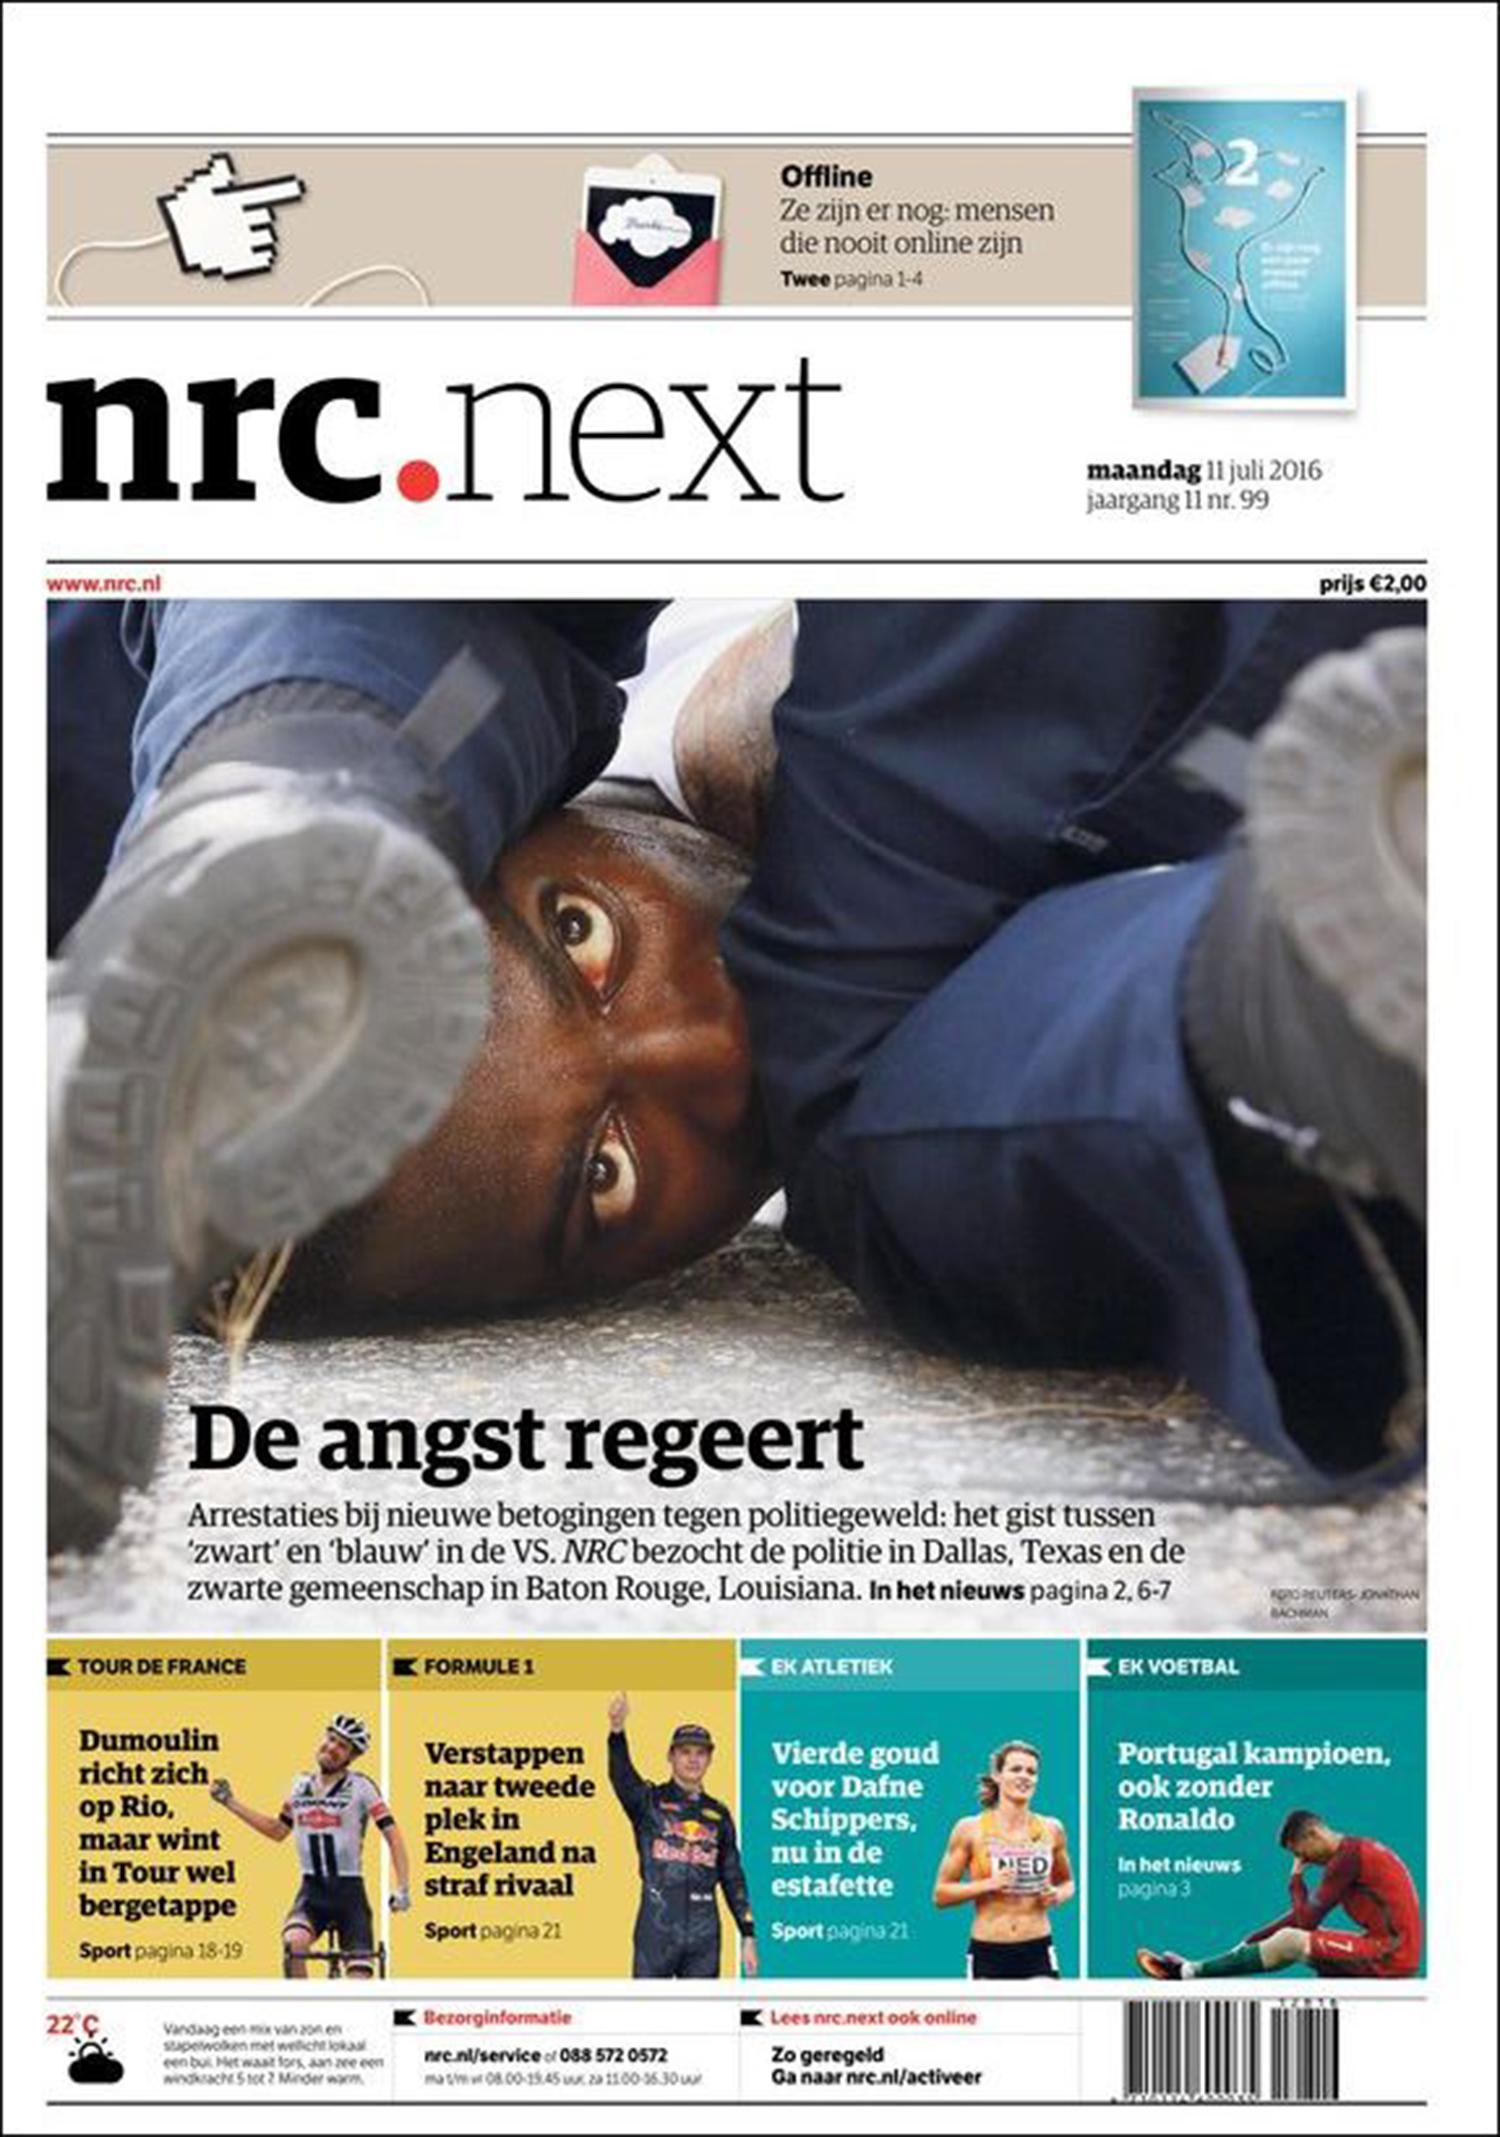 nrc.next -website voorpagina.jpg